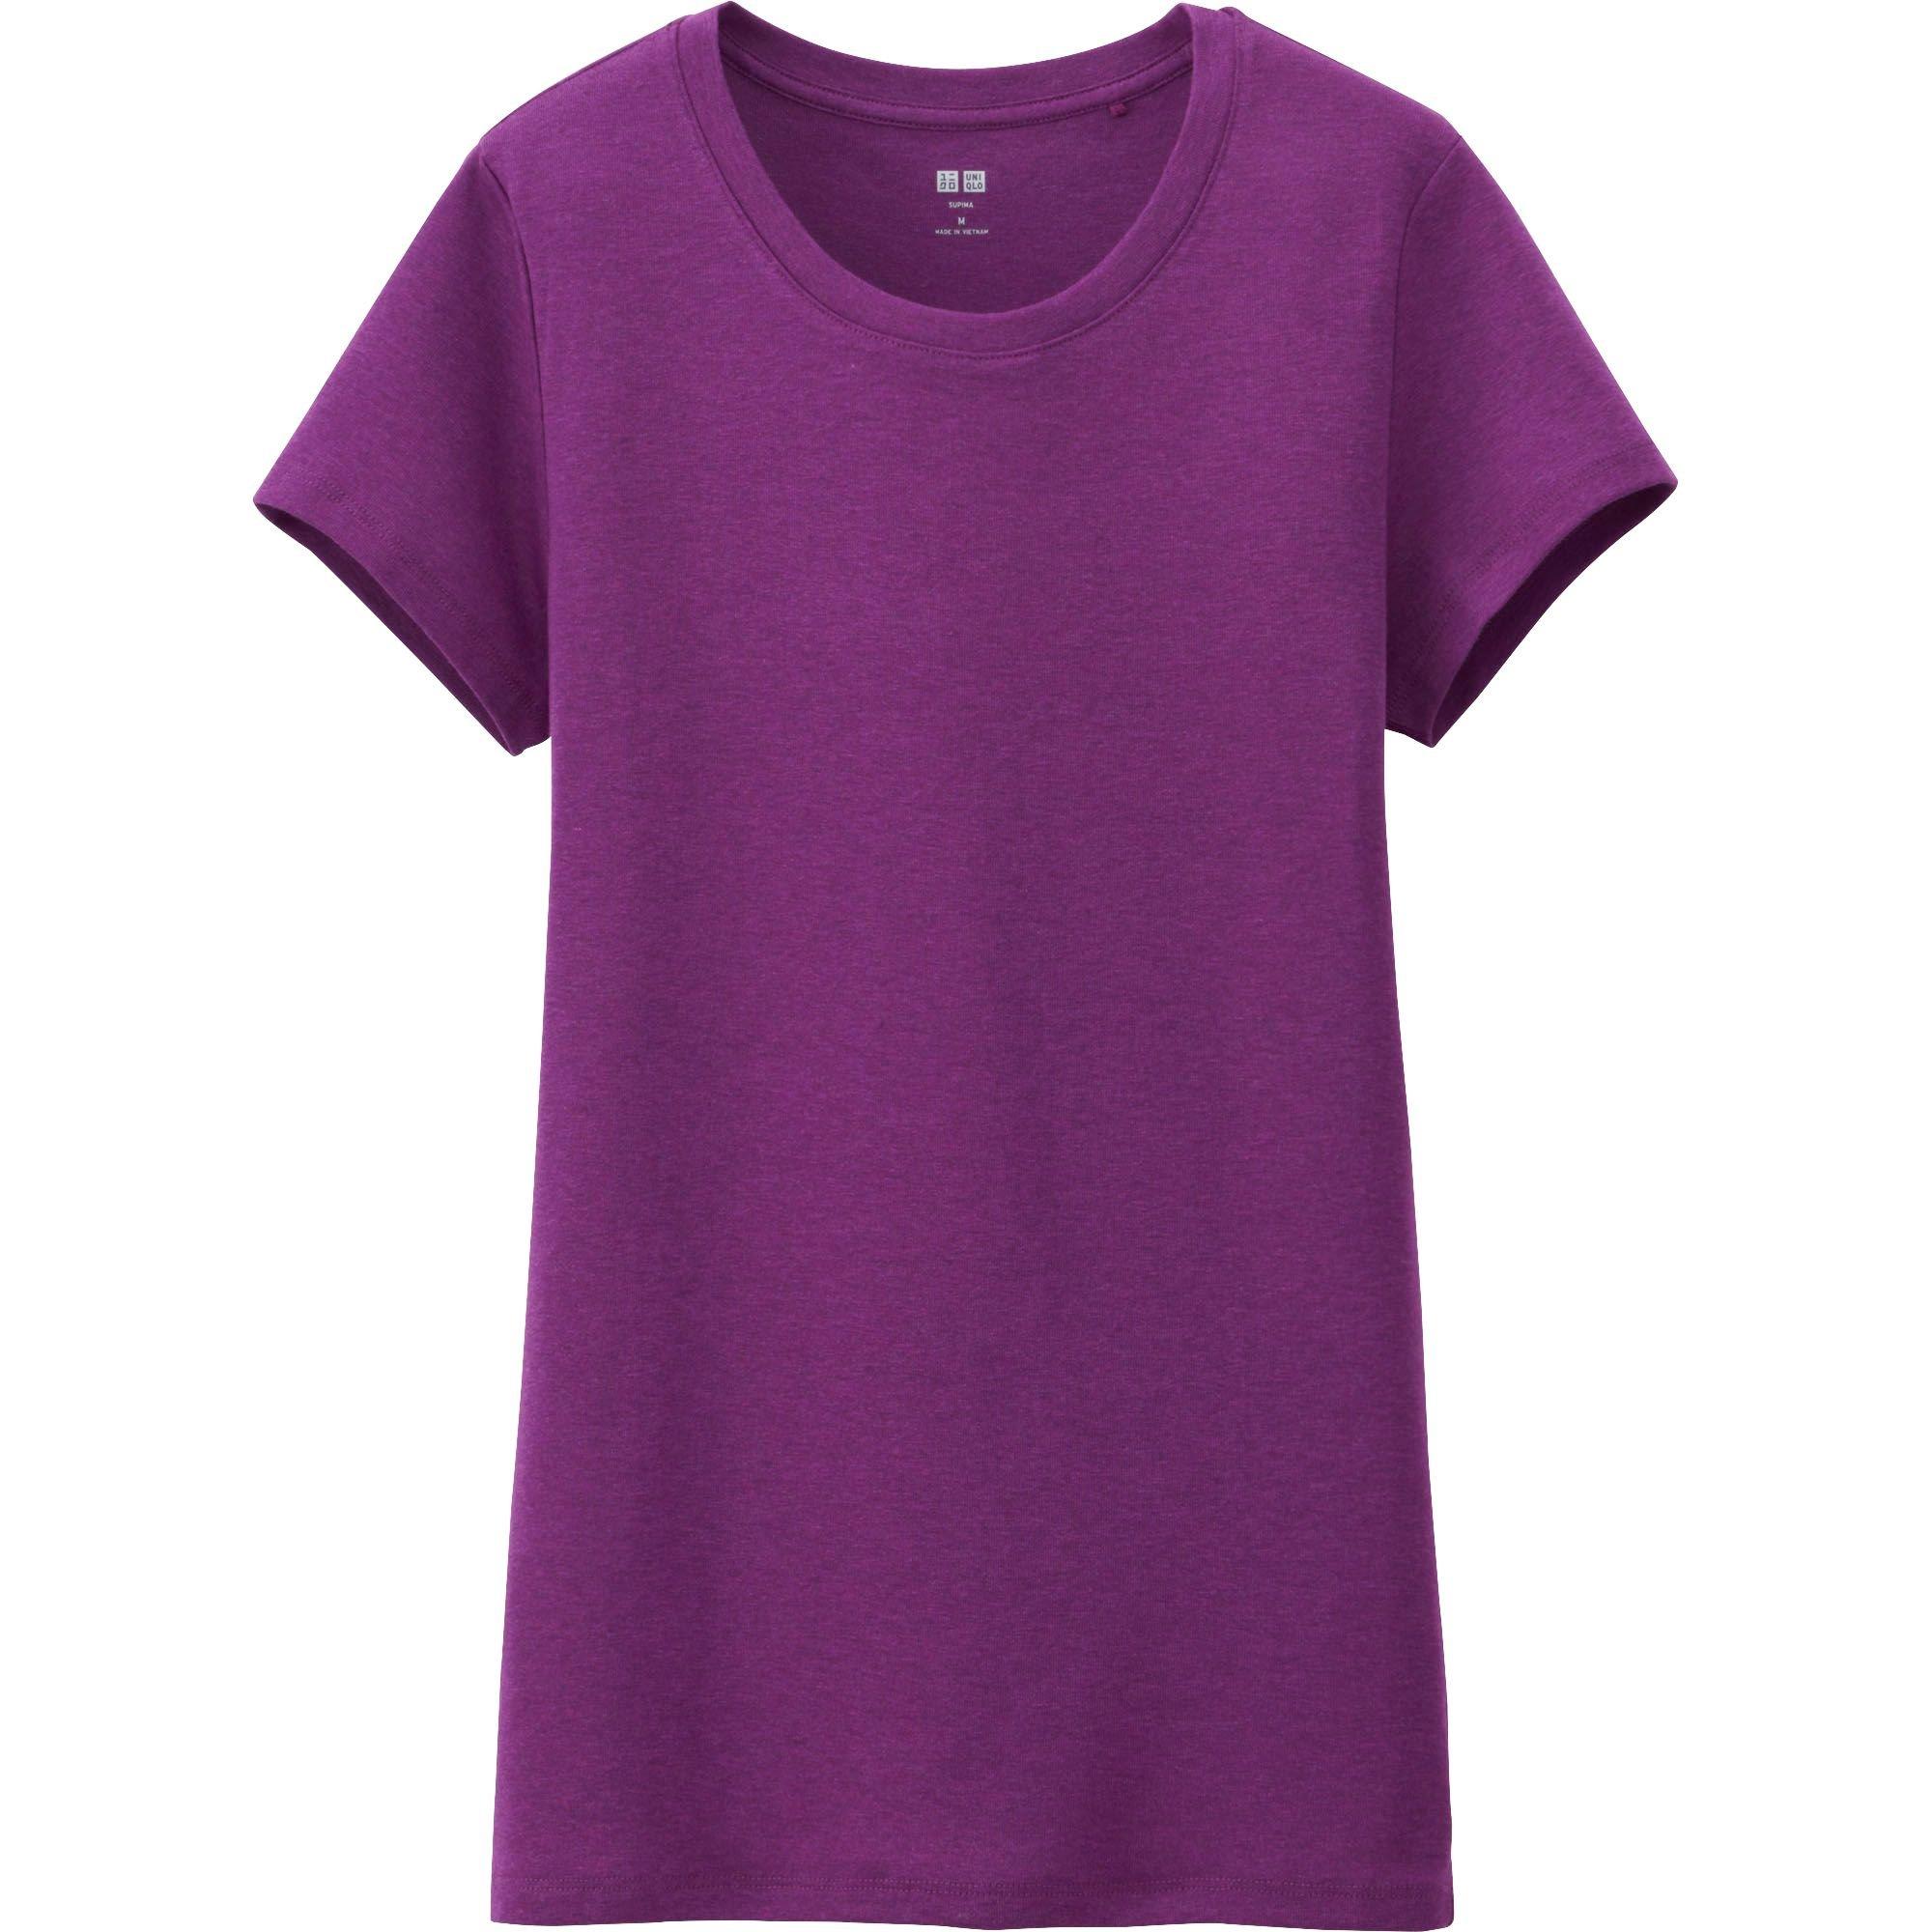 Burberry T Shirt Womens